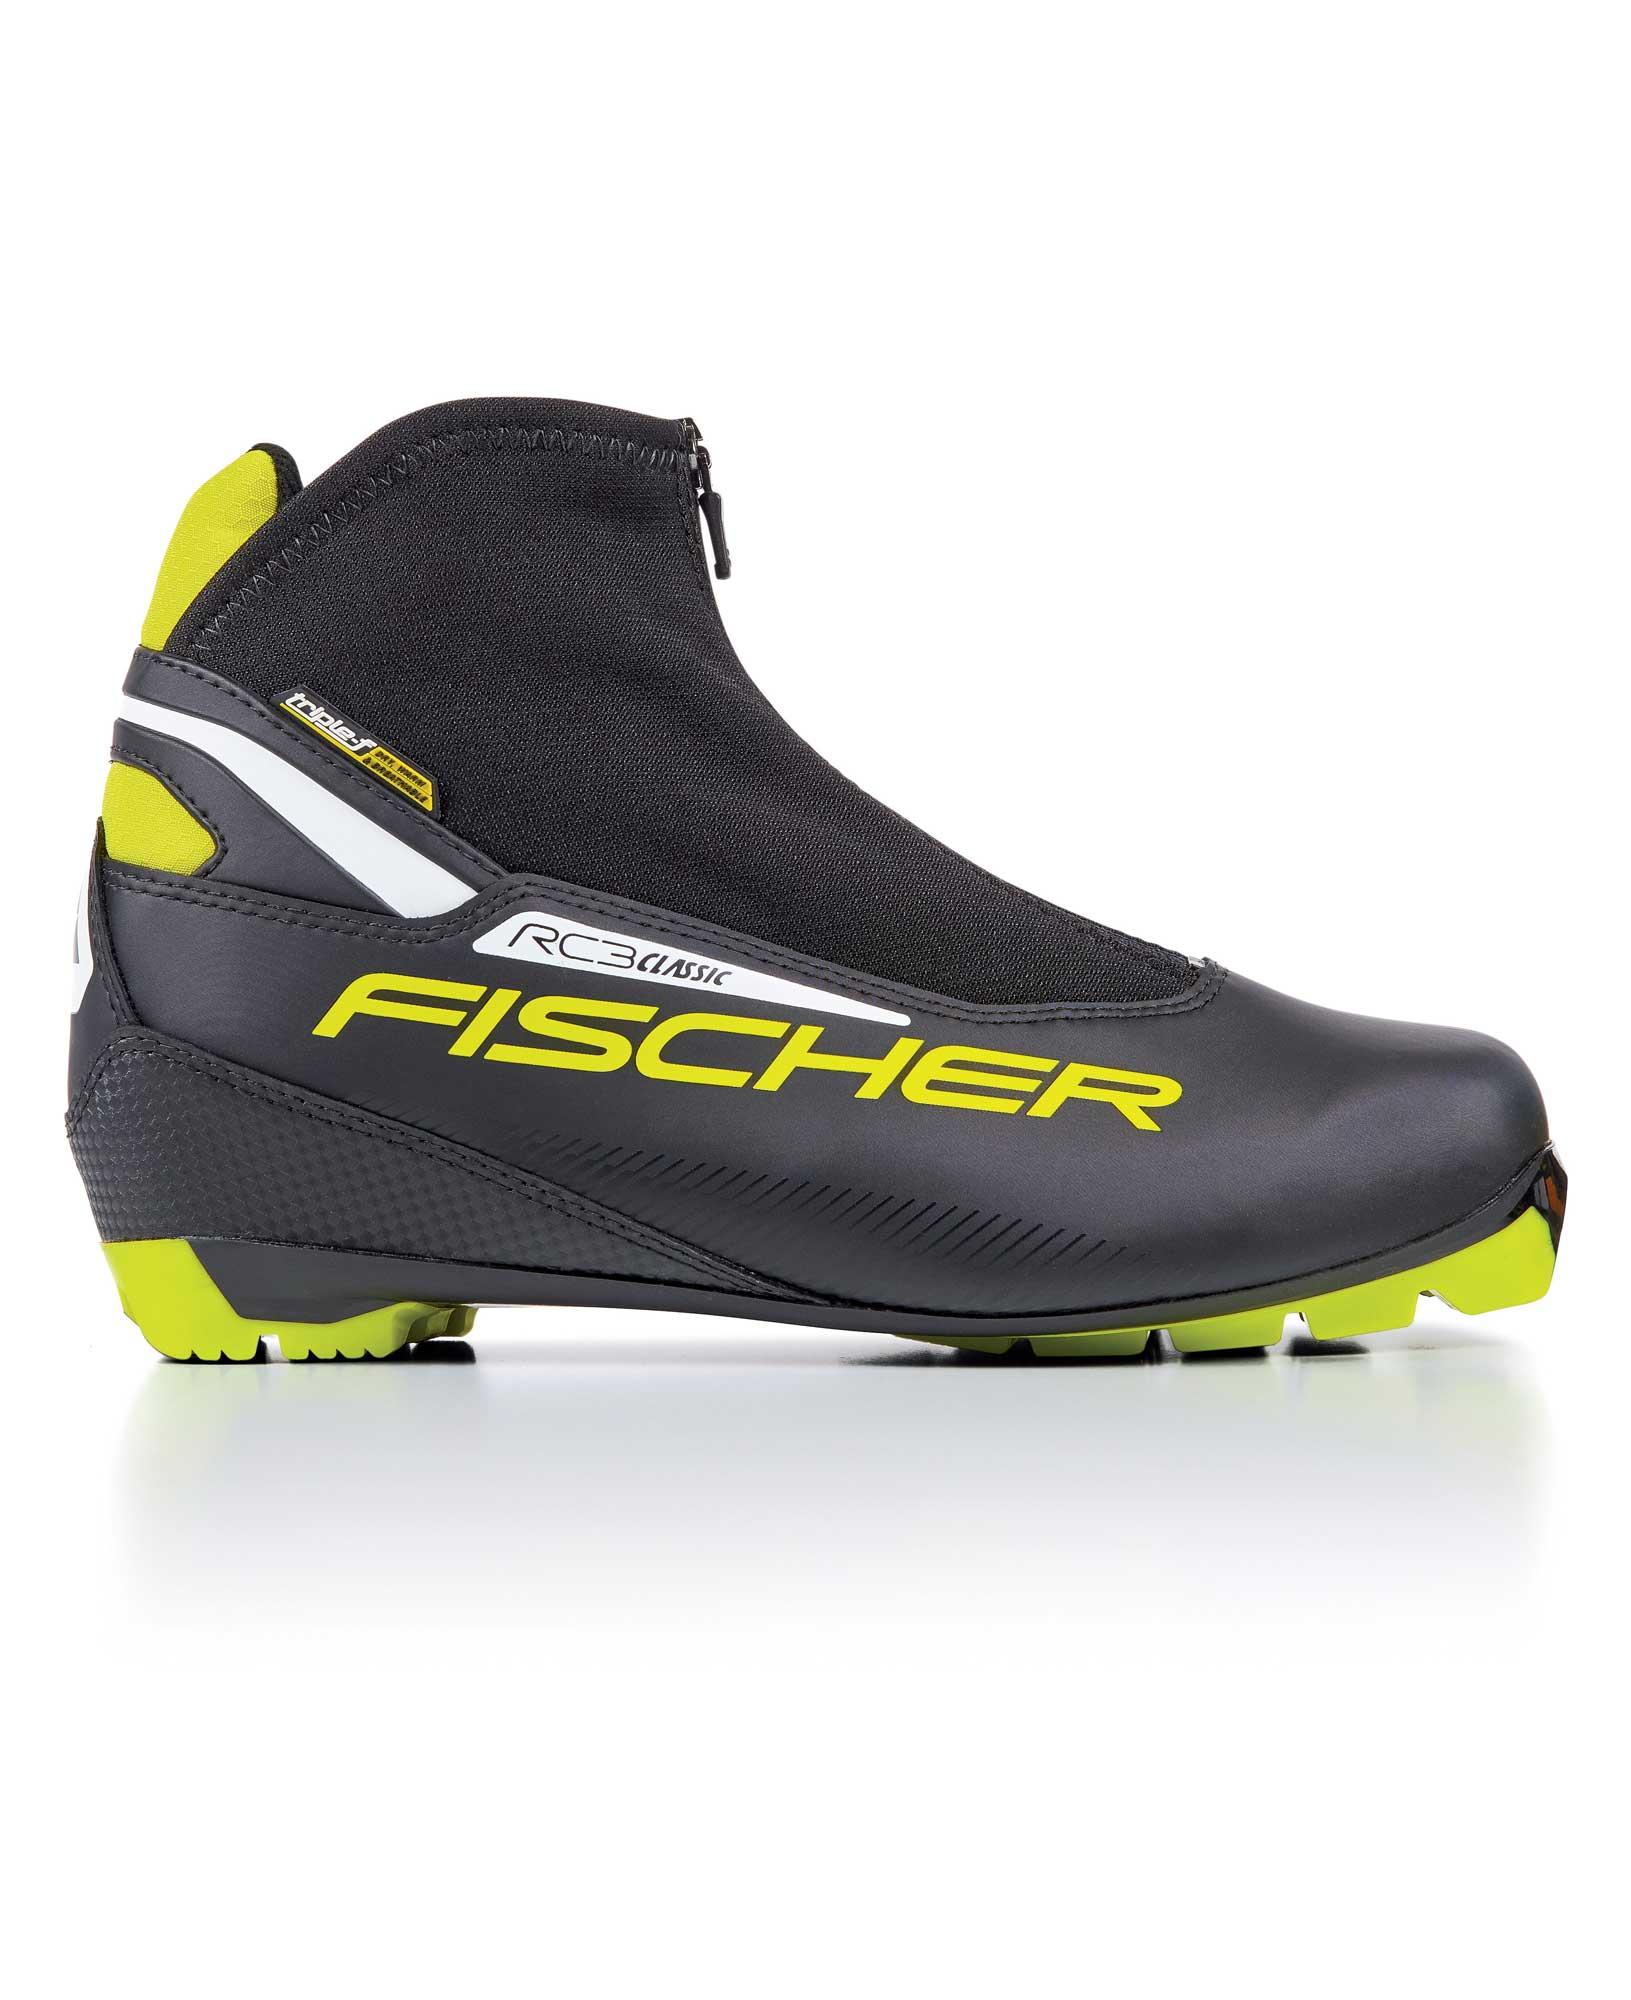 Fischer RC3 Classic - NNN Race Langlaufschuhe